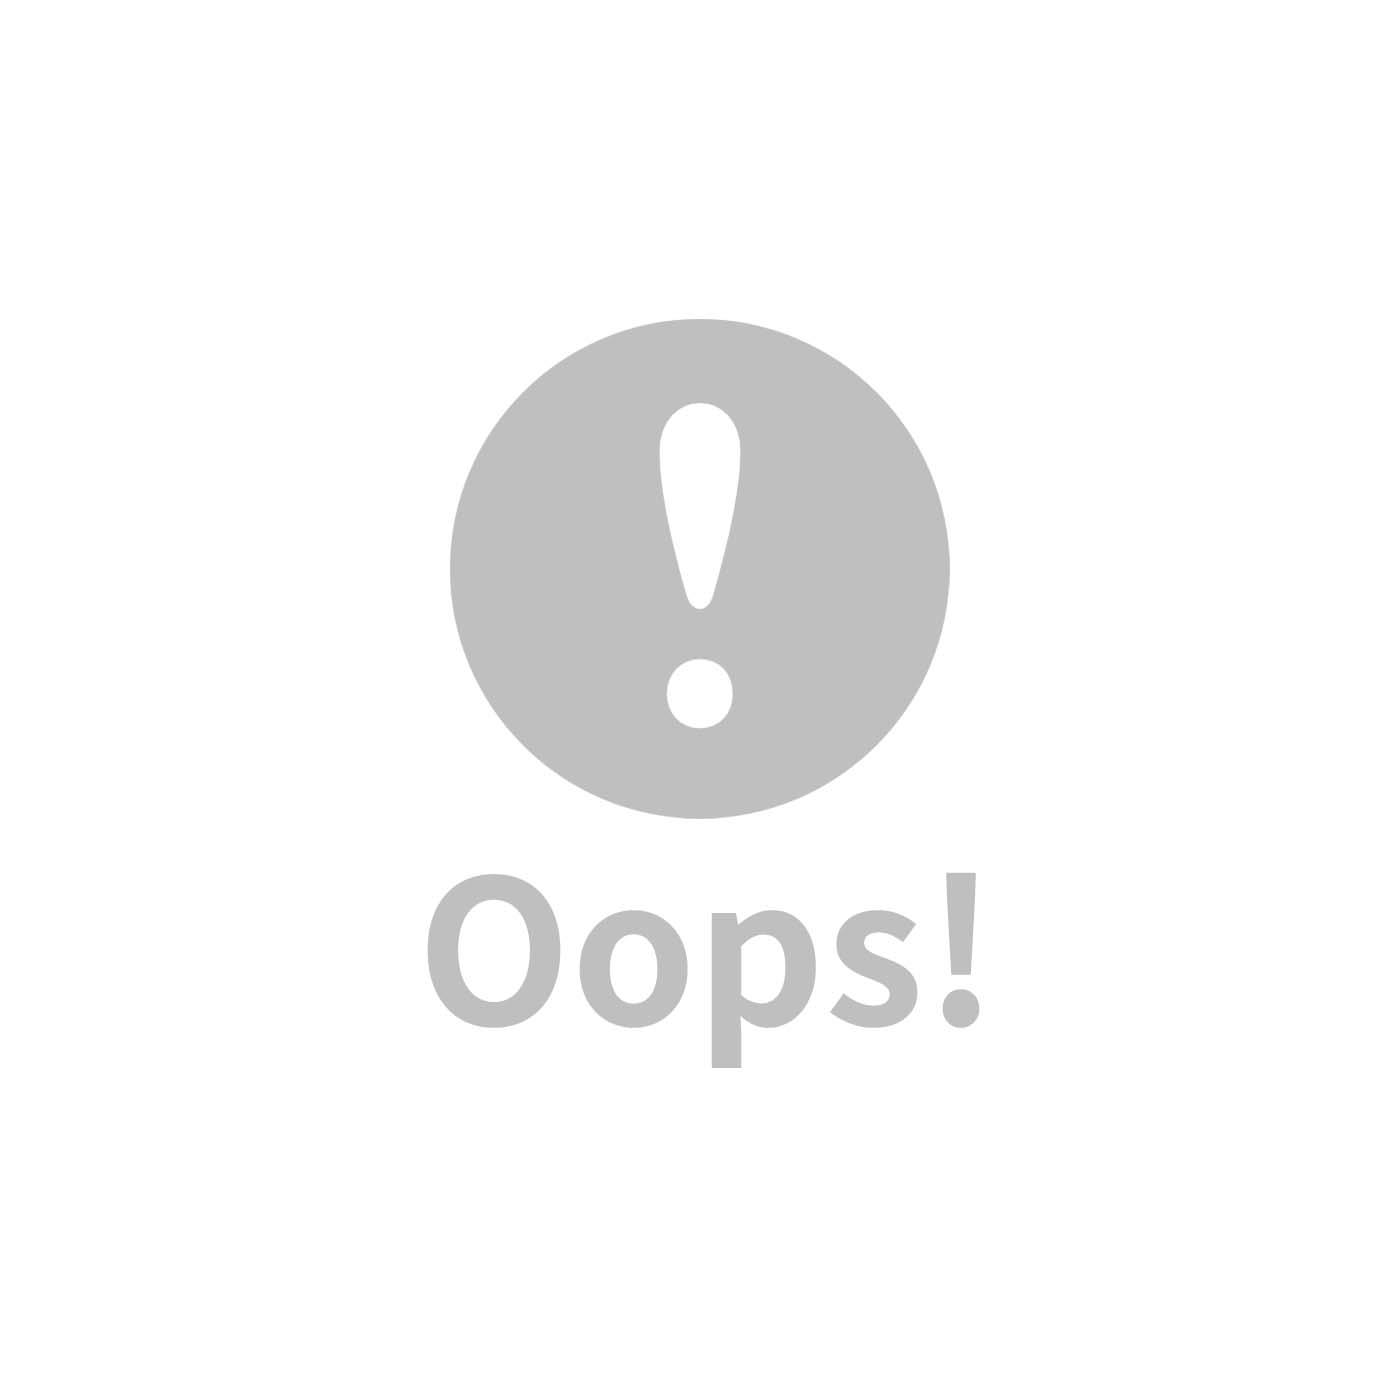 global affairs 童話手工編織安撫搖鈴_飛機系列(夜幕綠)